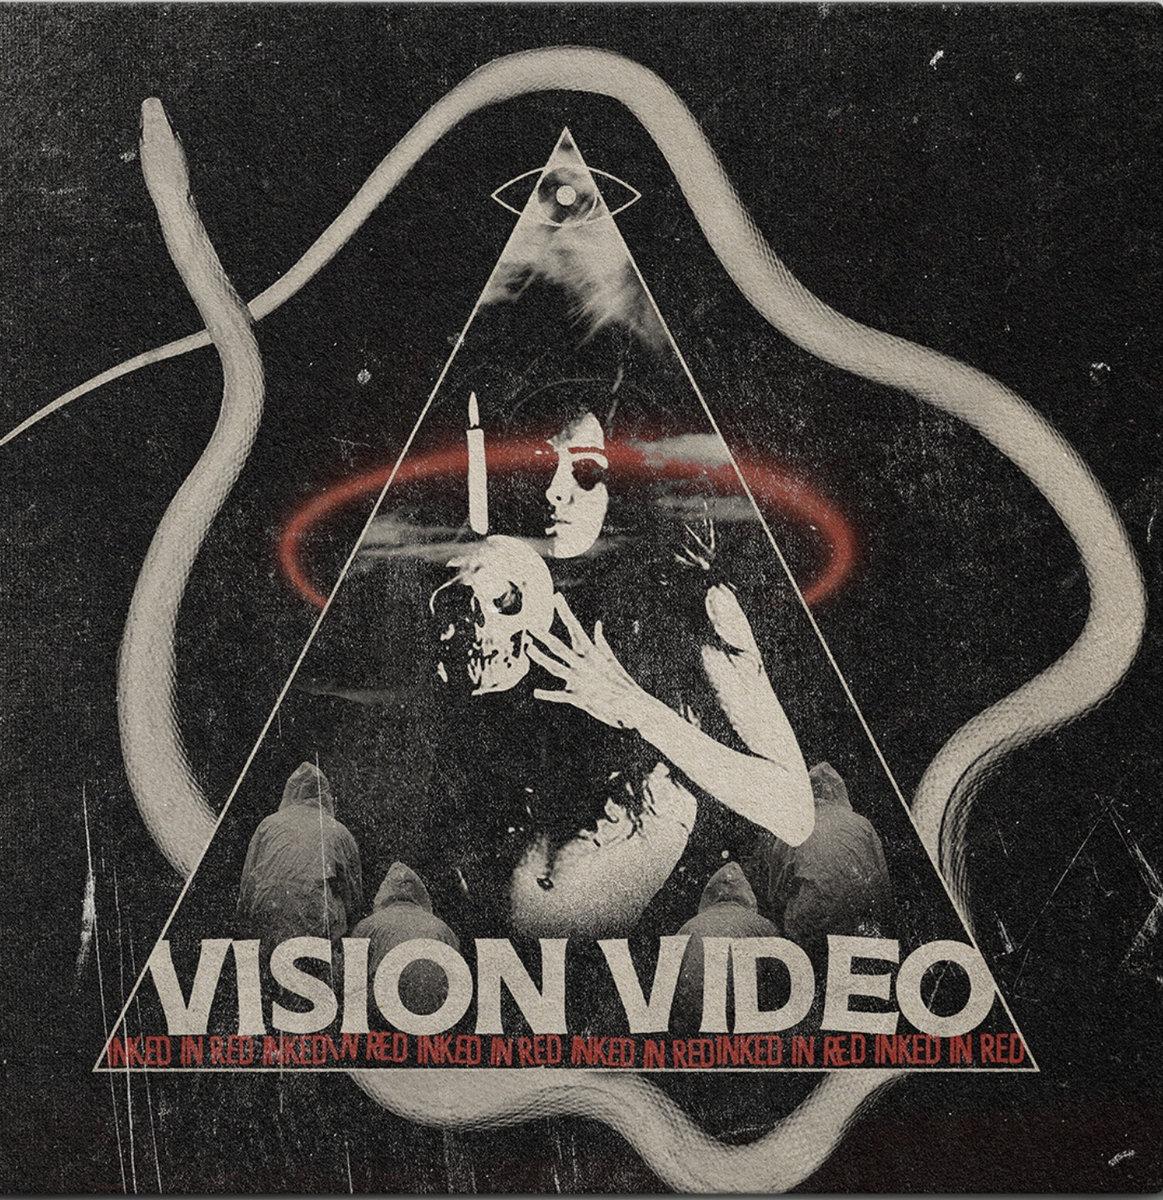 Vision Video Album Cover